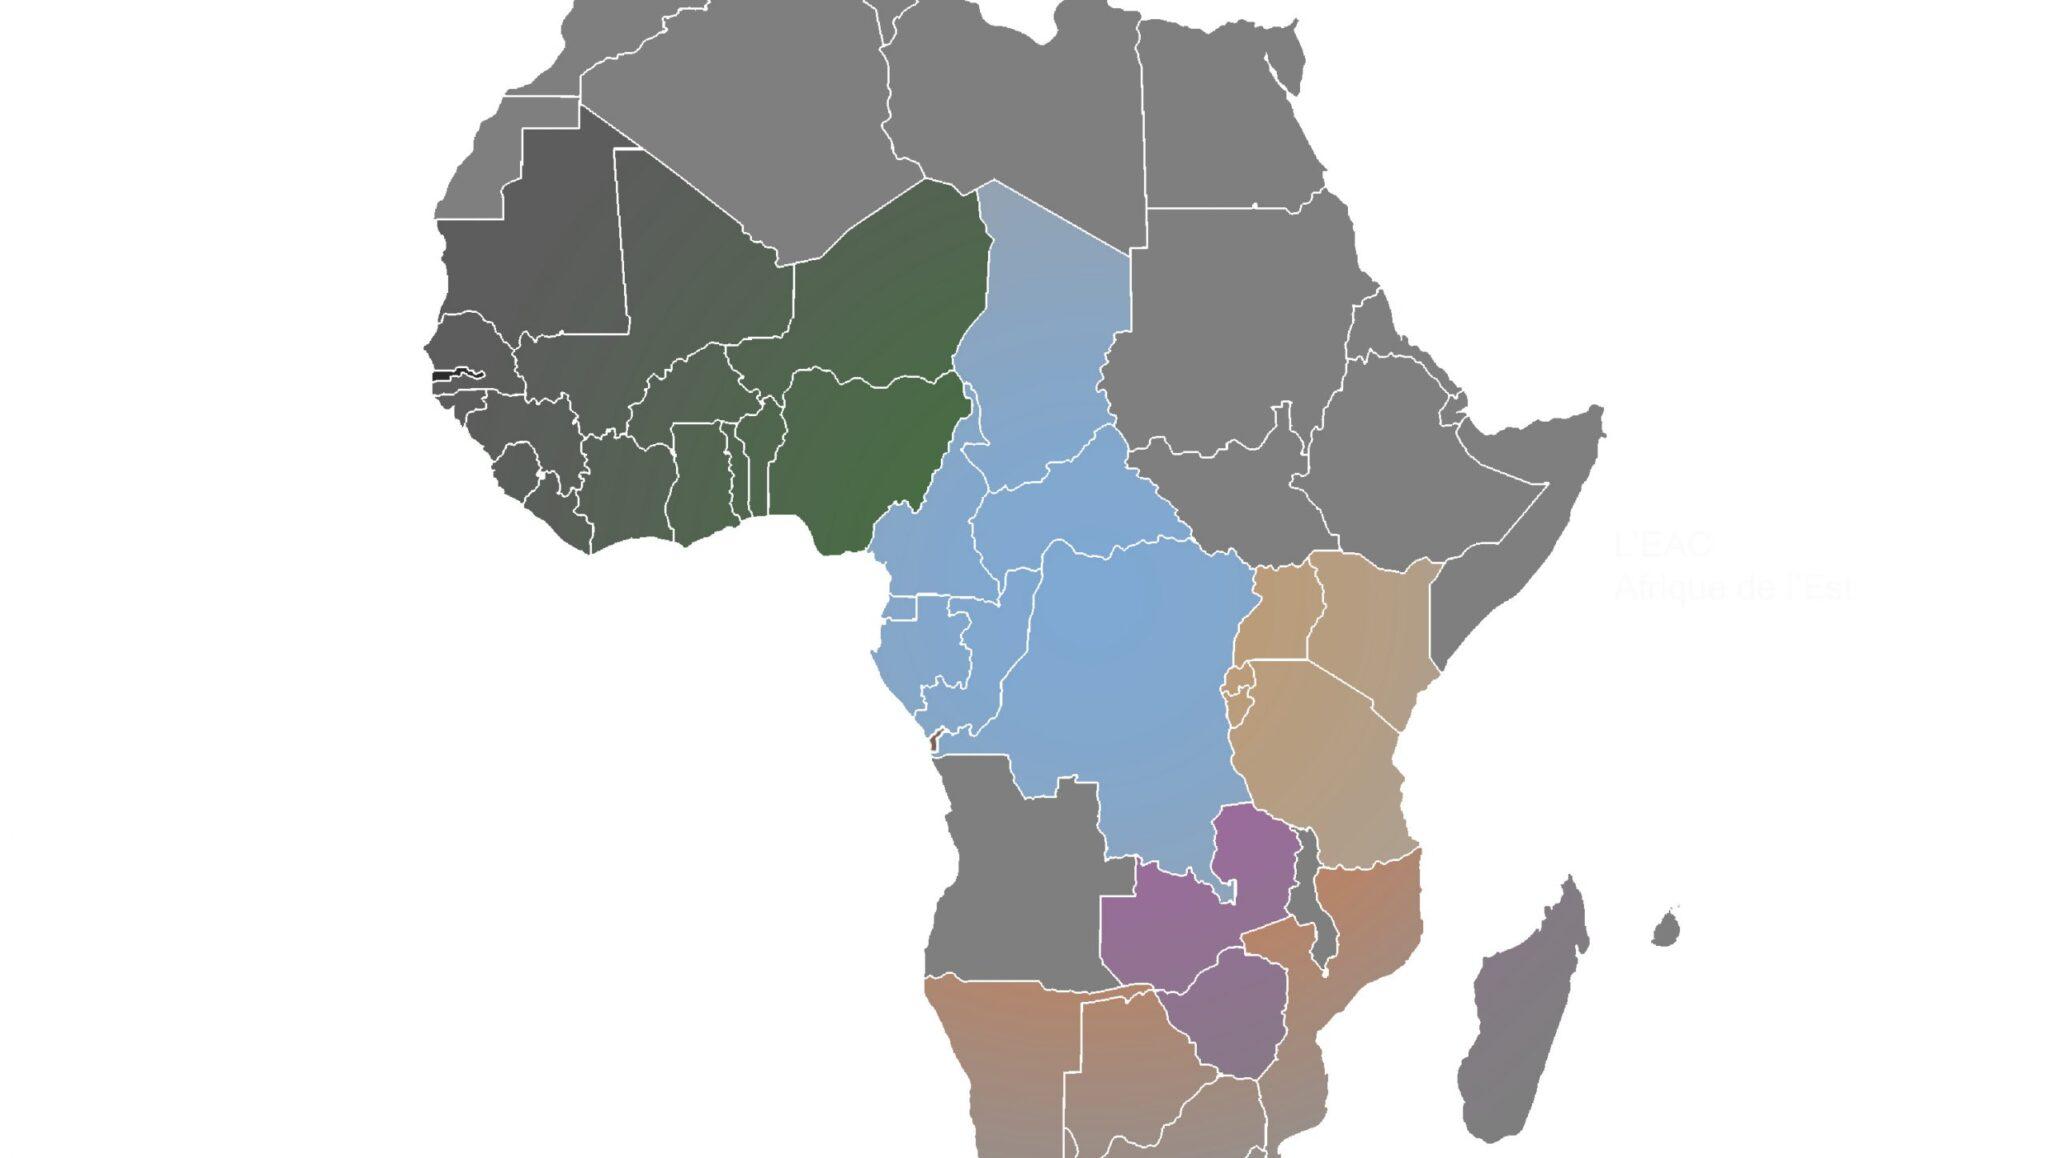 Dossier : L'agriculture face aux APE, les accords commerciaux Europe-Afrique